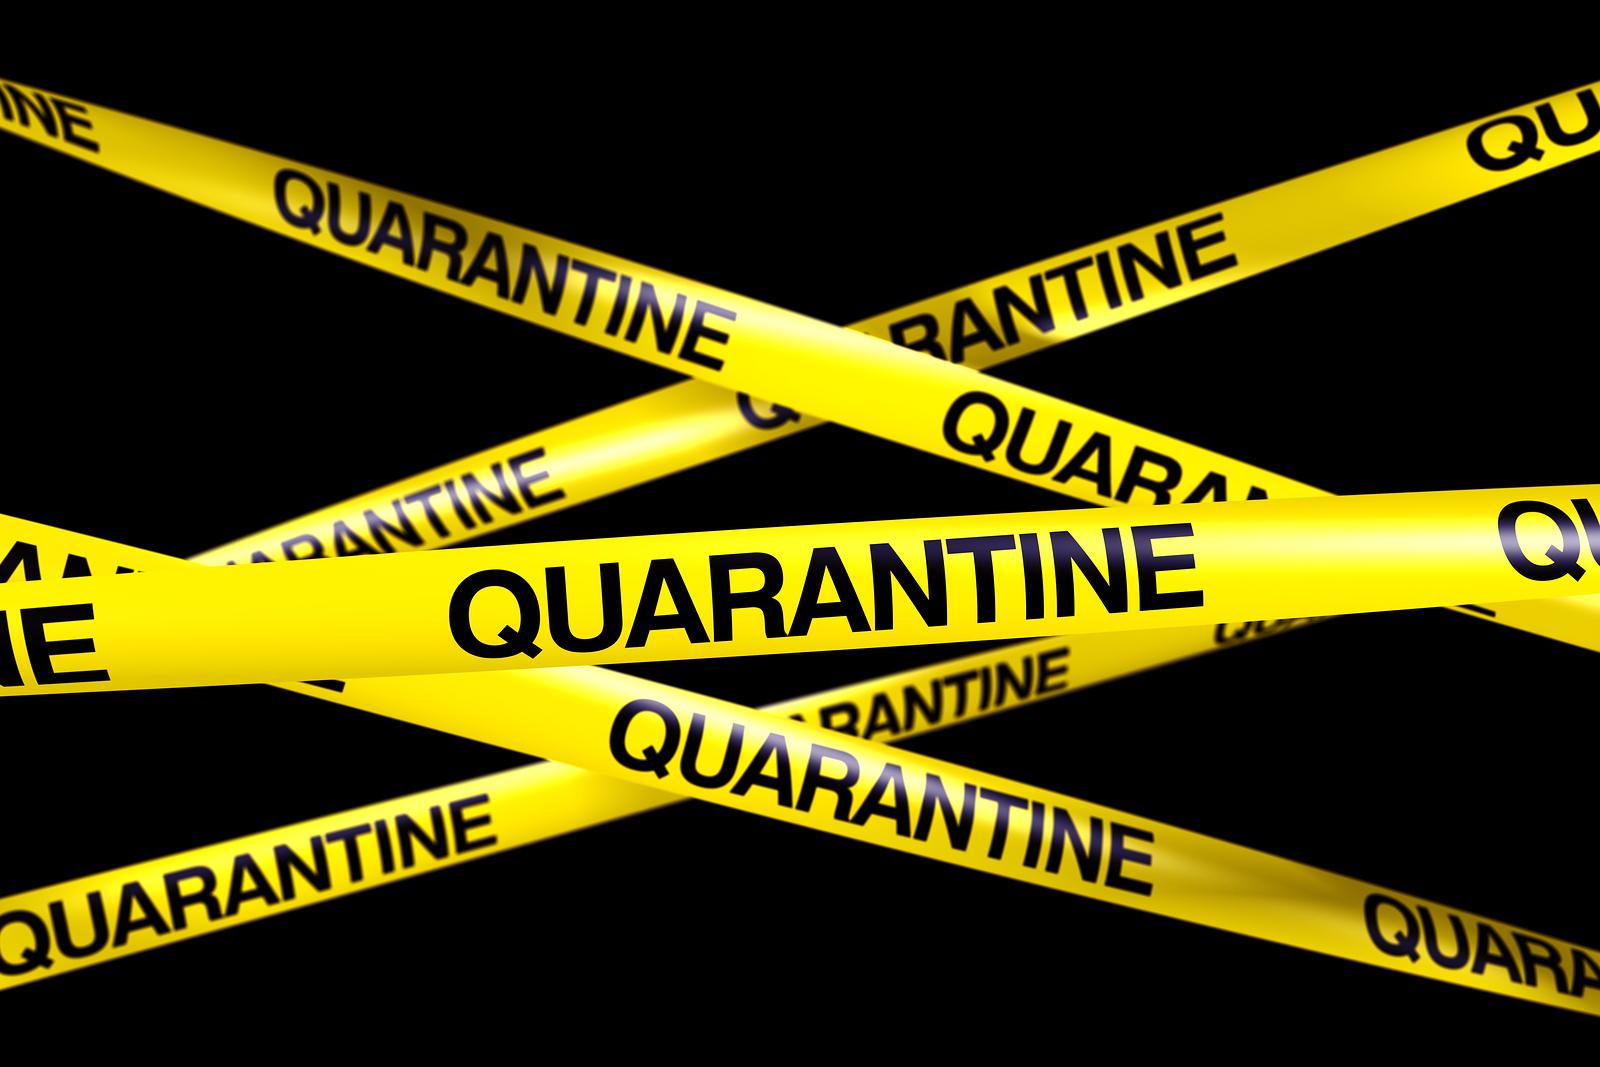 Quarantine Backgrounds, Compatible - PC, Mobile, Gadgets  1600x1067 px